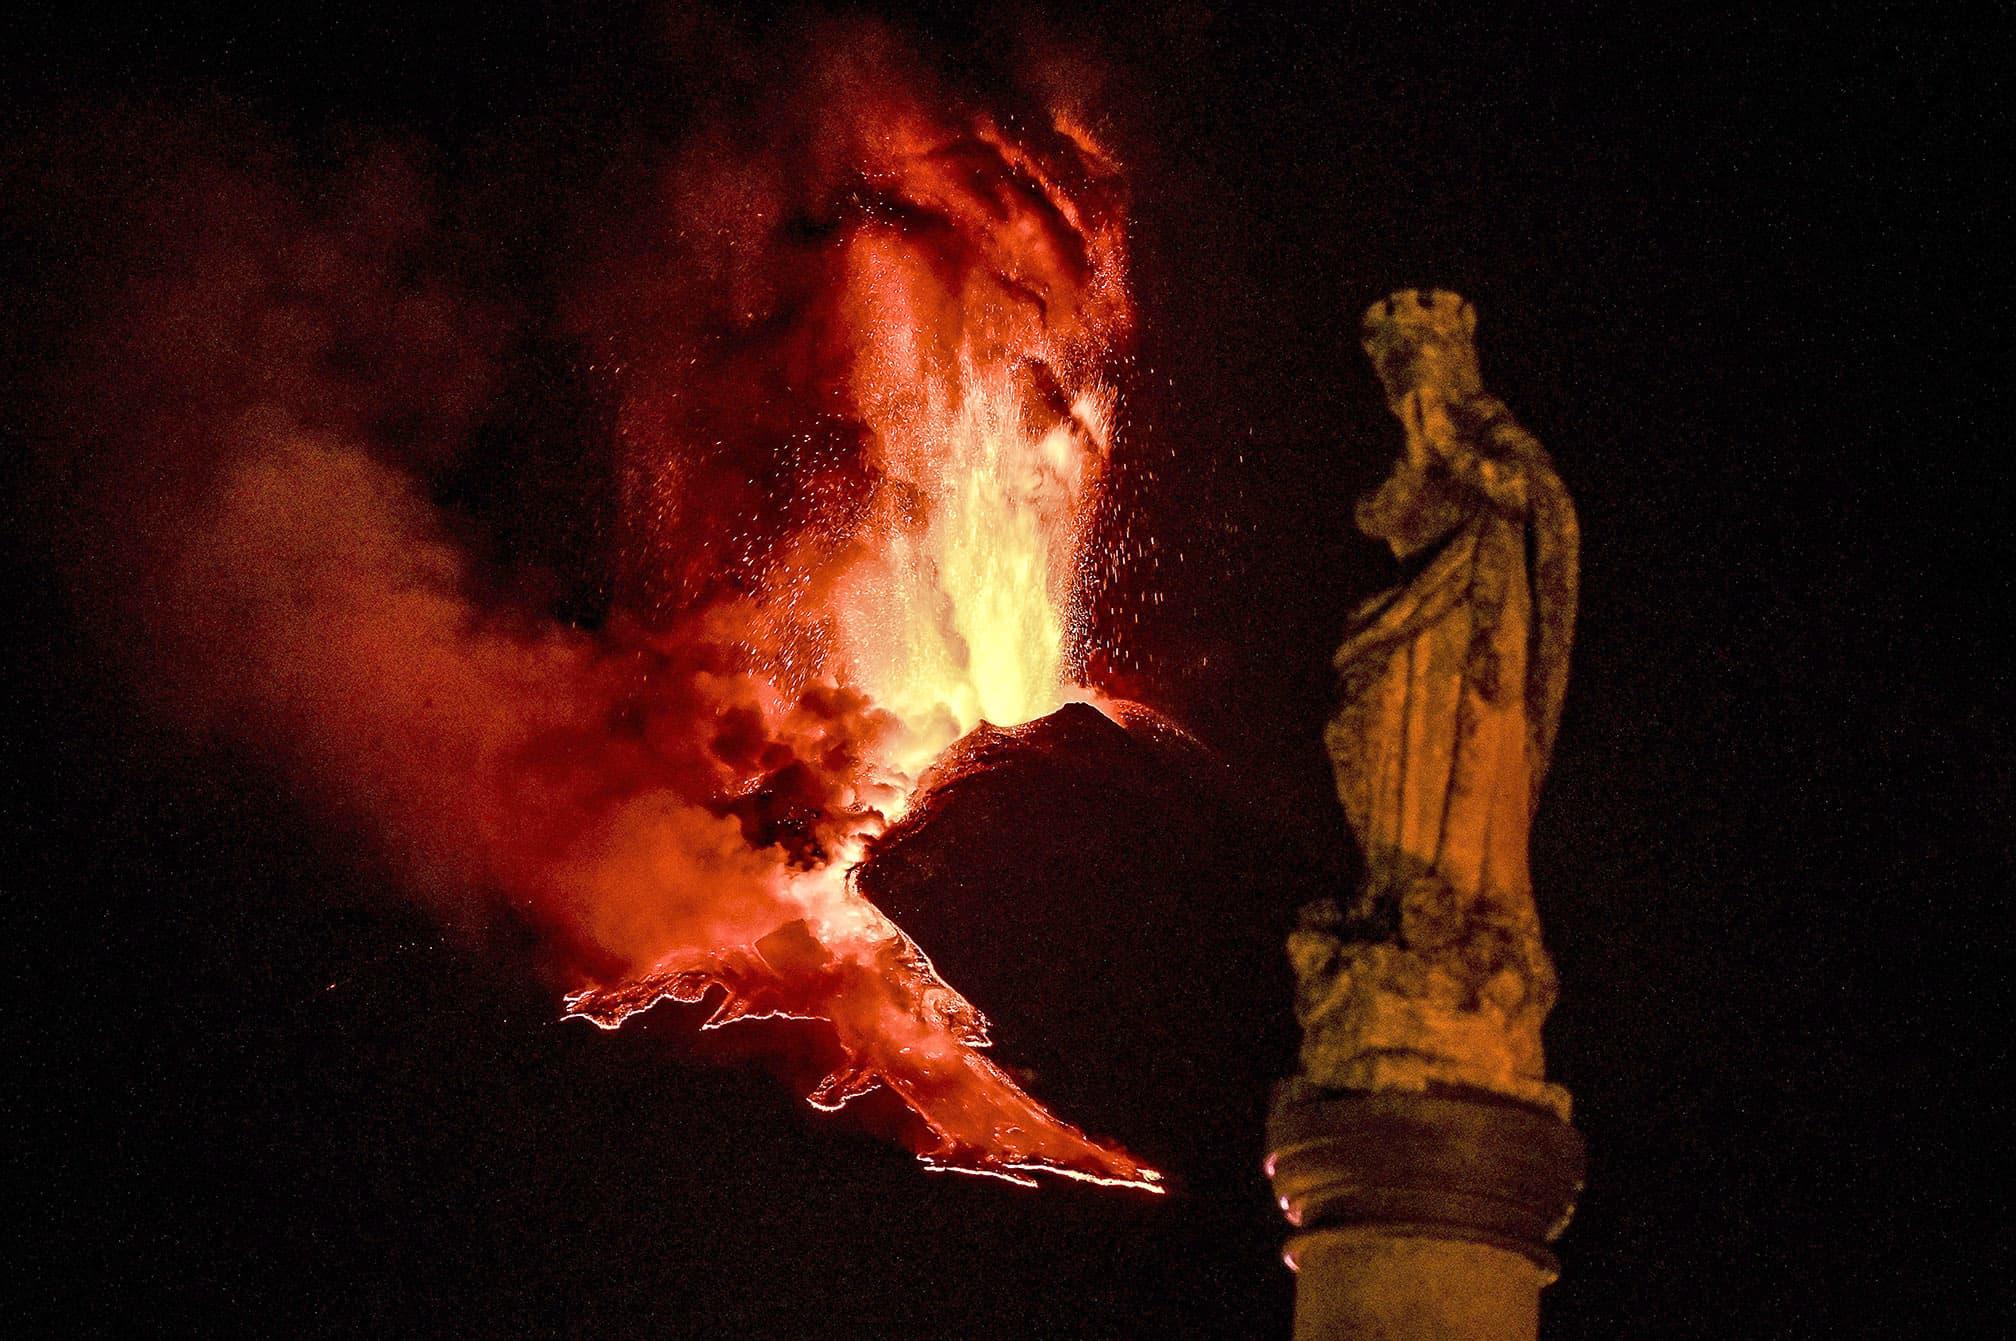 L'estàtua de la Immaculada a Milo amb l'explosió de lava de l'Etna al fons, el 24 de febrer. Fotografia de Fabrizio Villa. Getty Images.